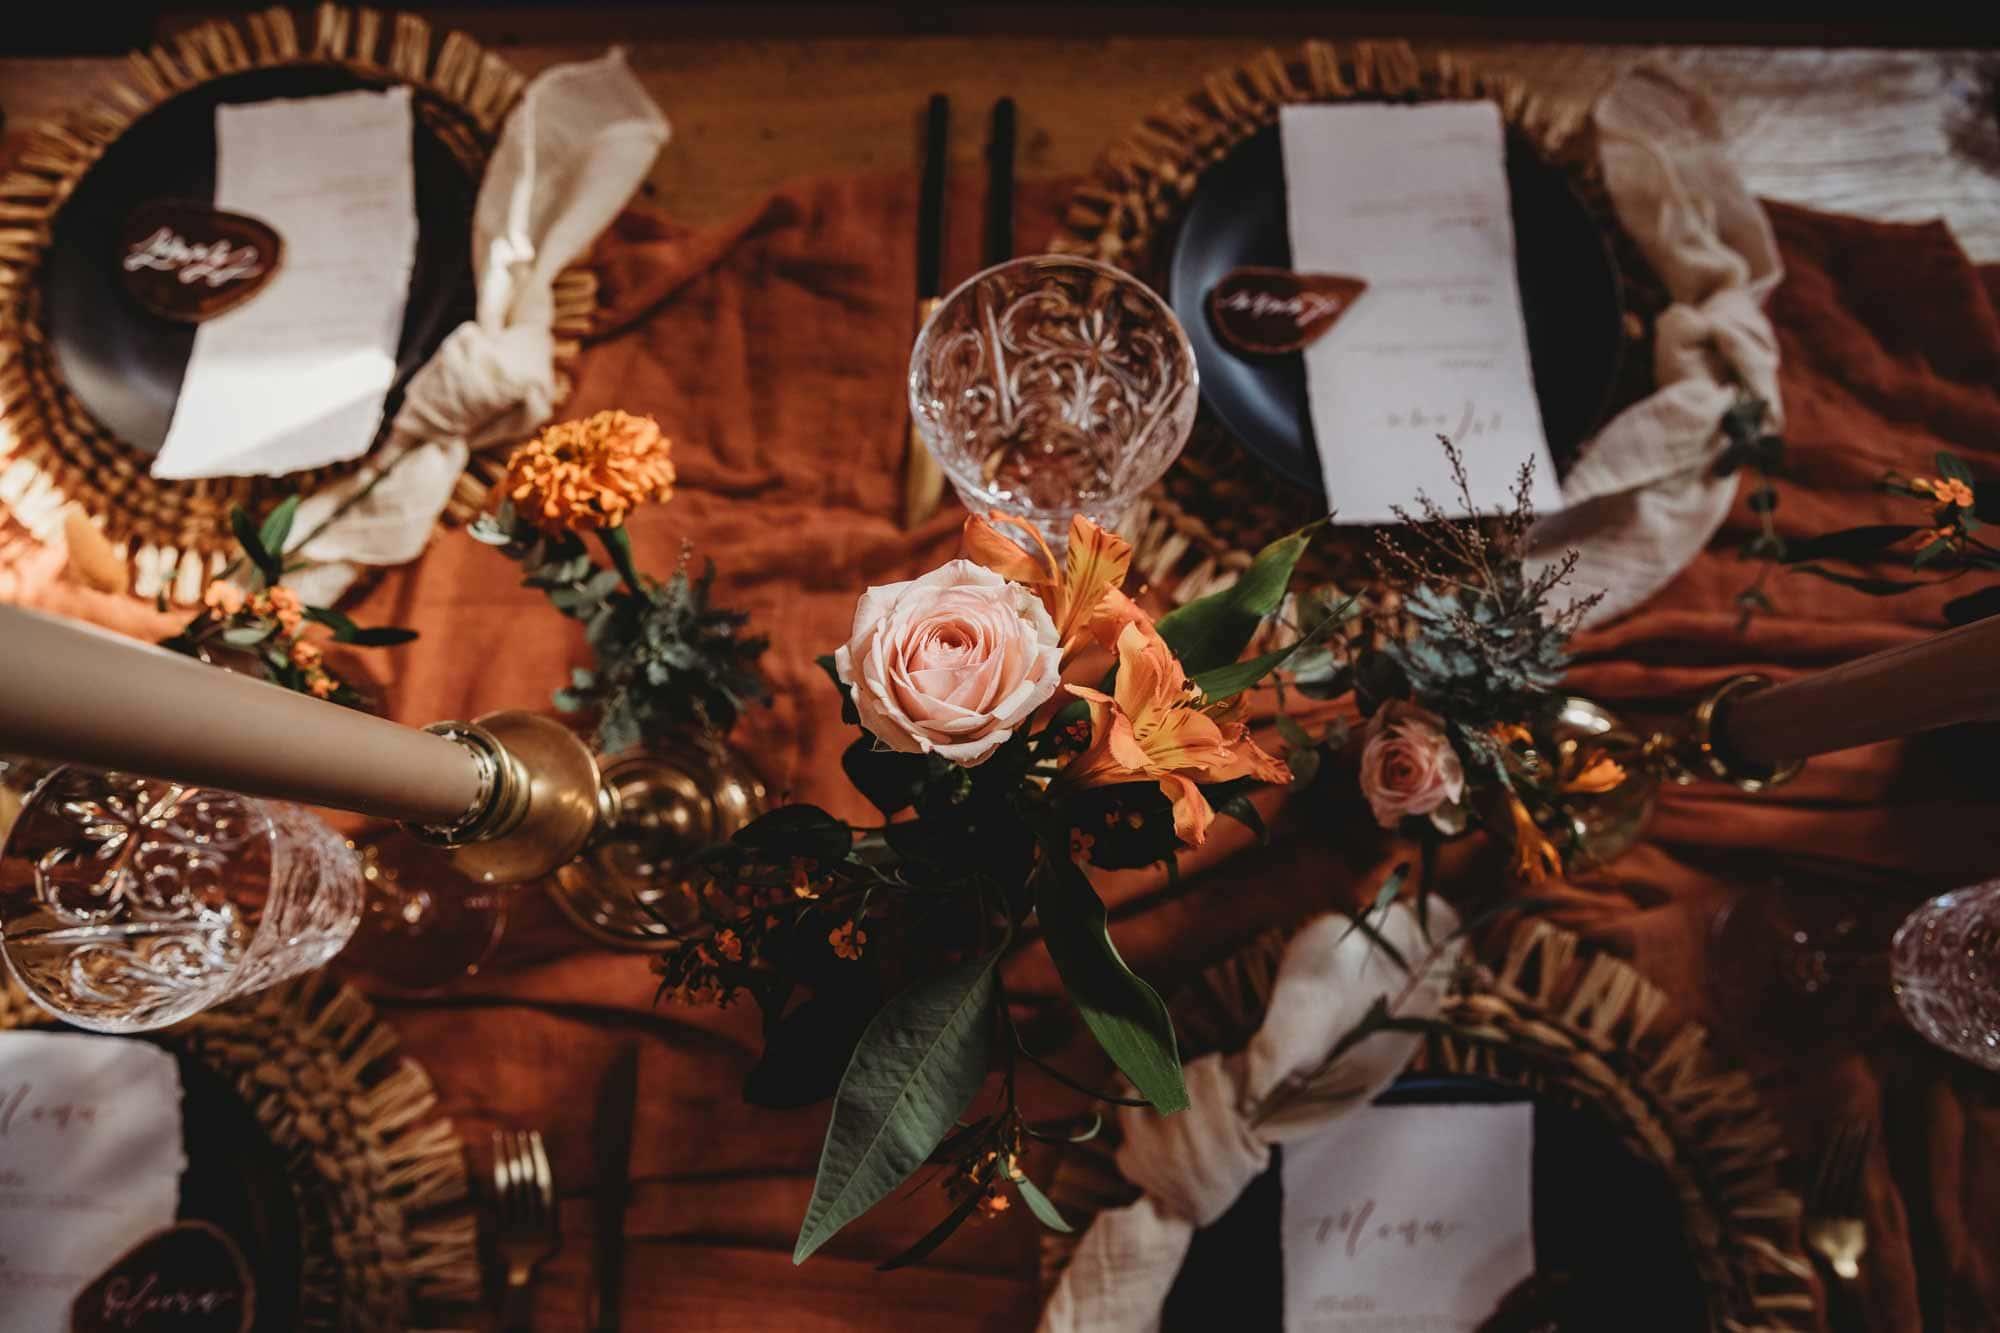 lace wedding dress boho wedding dress wedding dress shop near me bridal shop near me 1 4